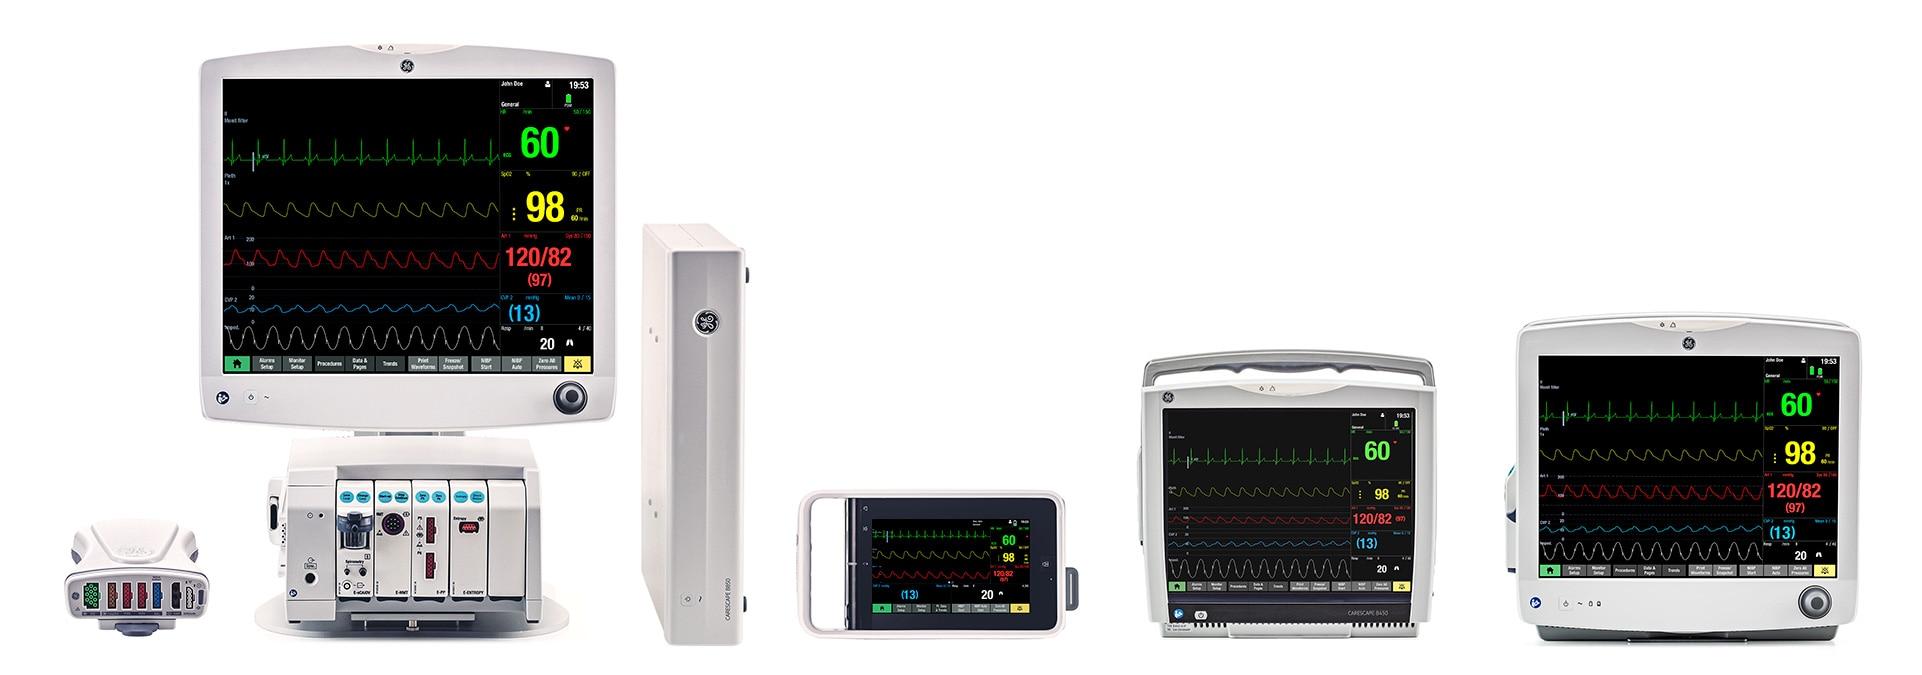 CARESCAPE Monitor B450